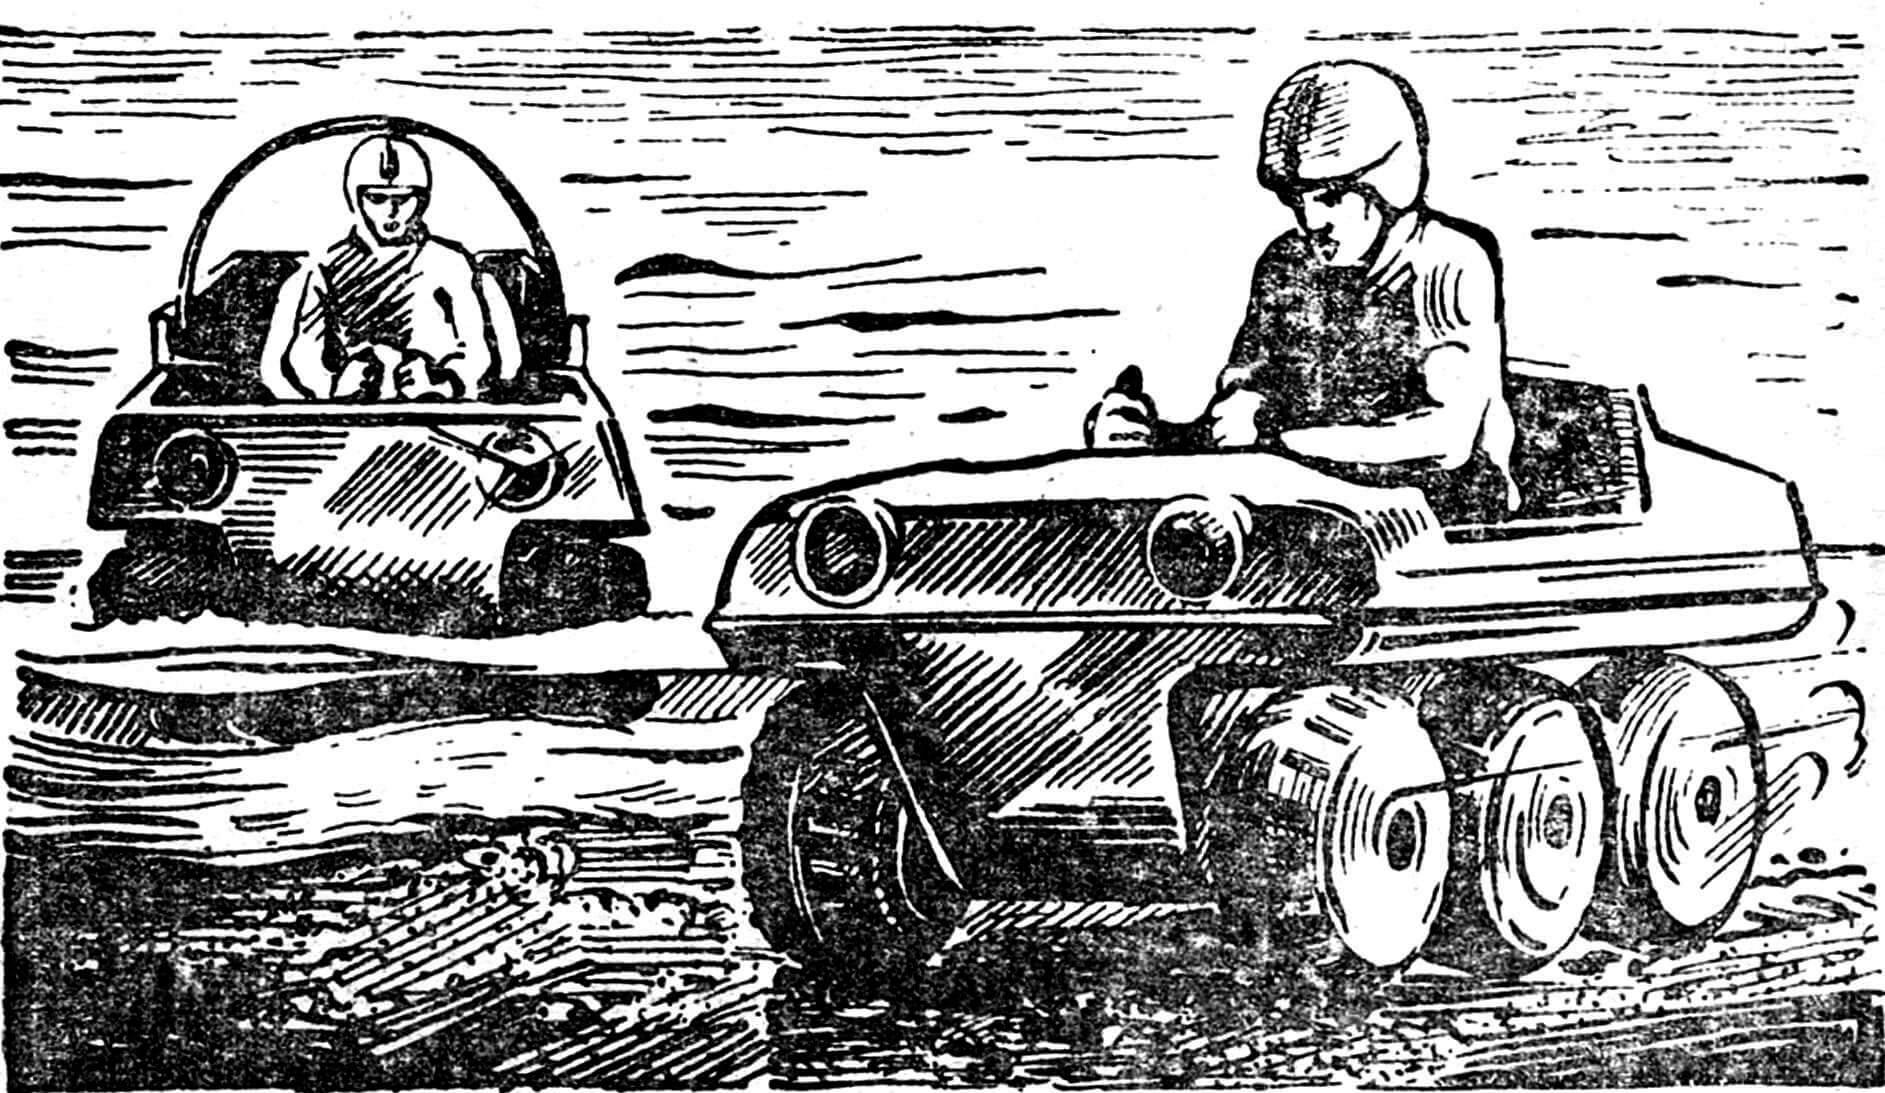 Рис. 2. Эпизод спортивных соревнований. Забрызганные грязью, залитые водой гонщики выжимают из своих машин предельную скорость.